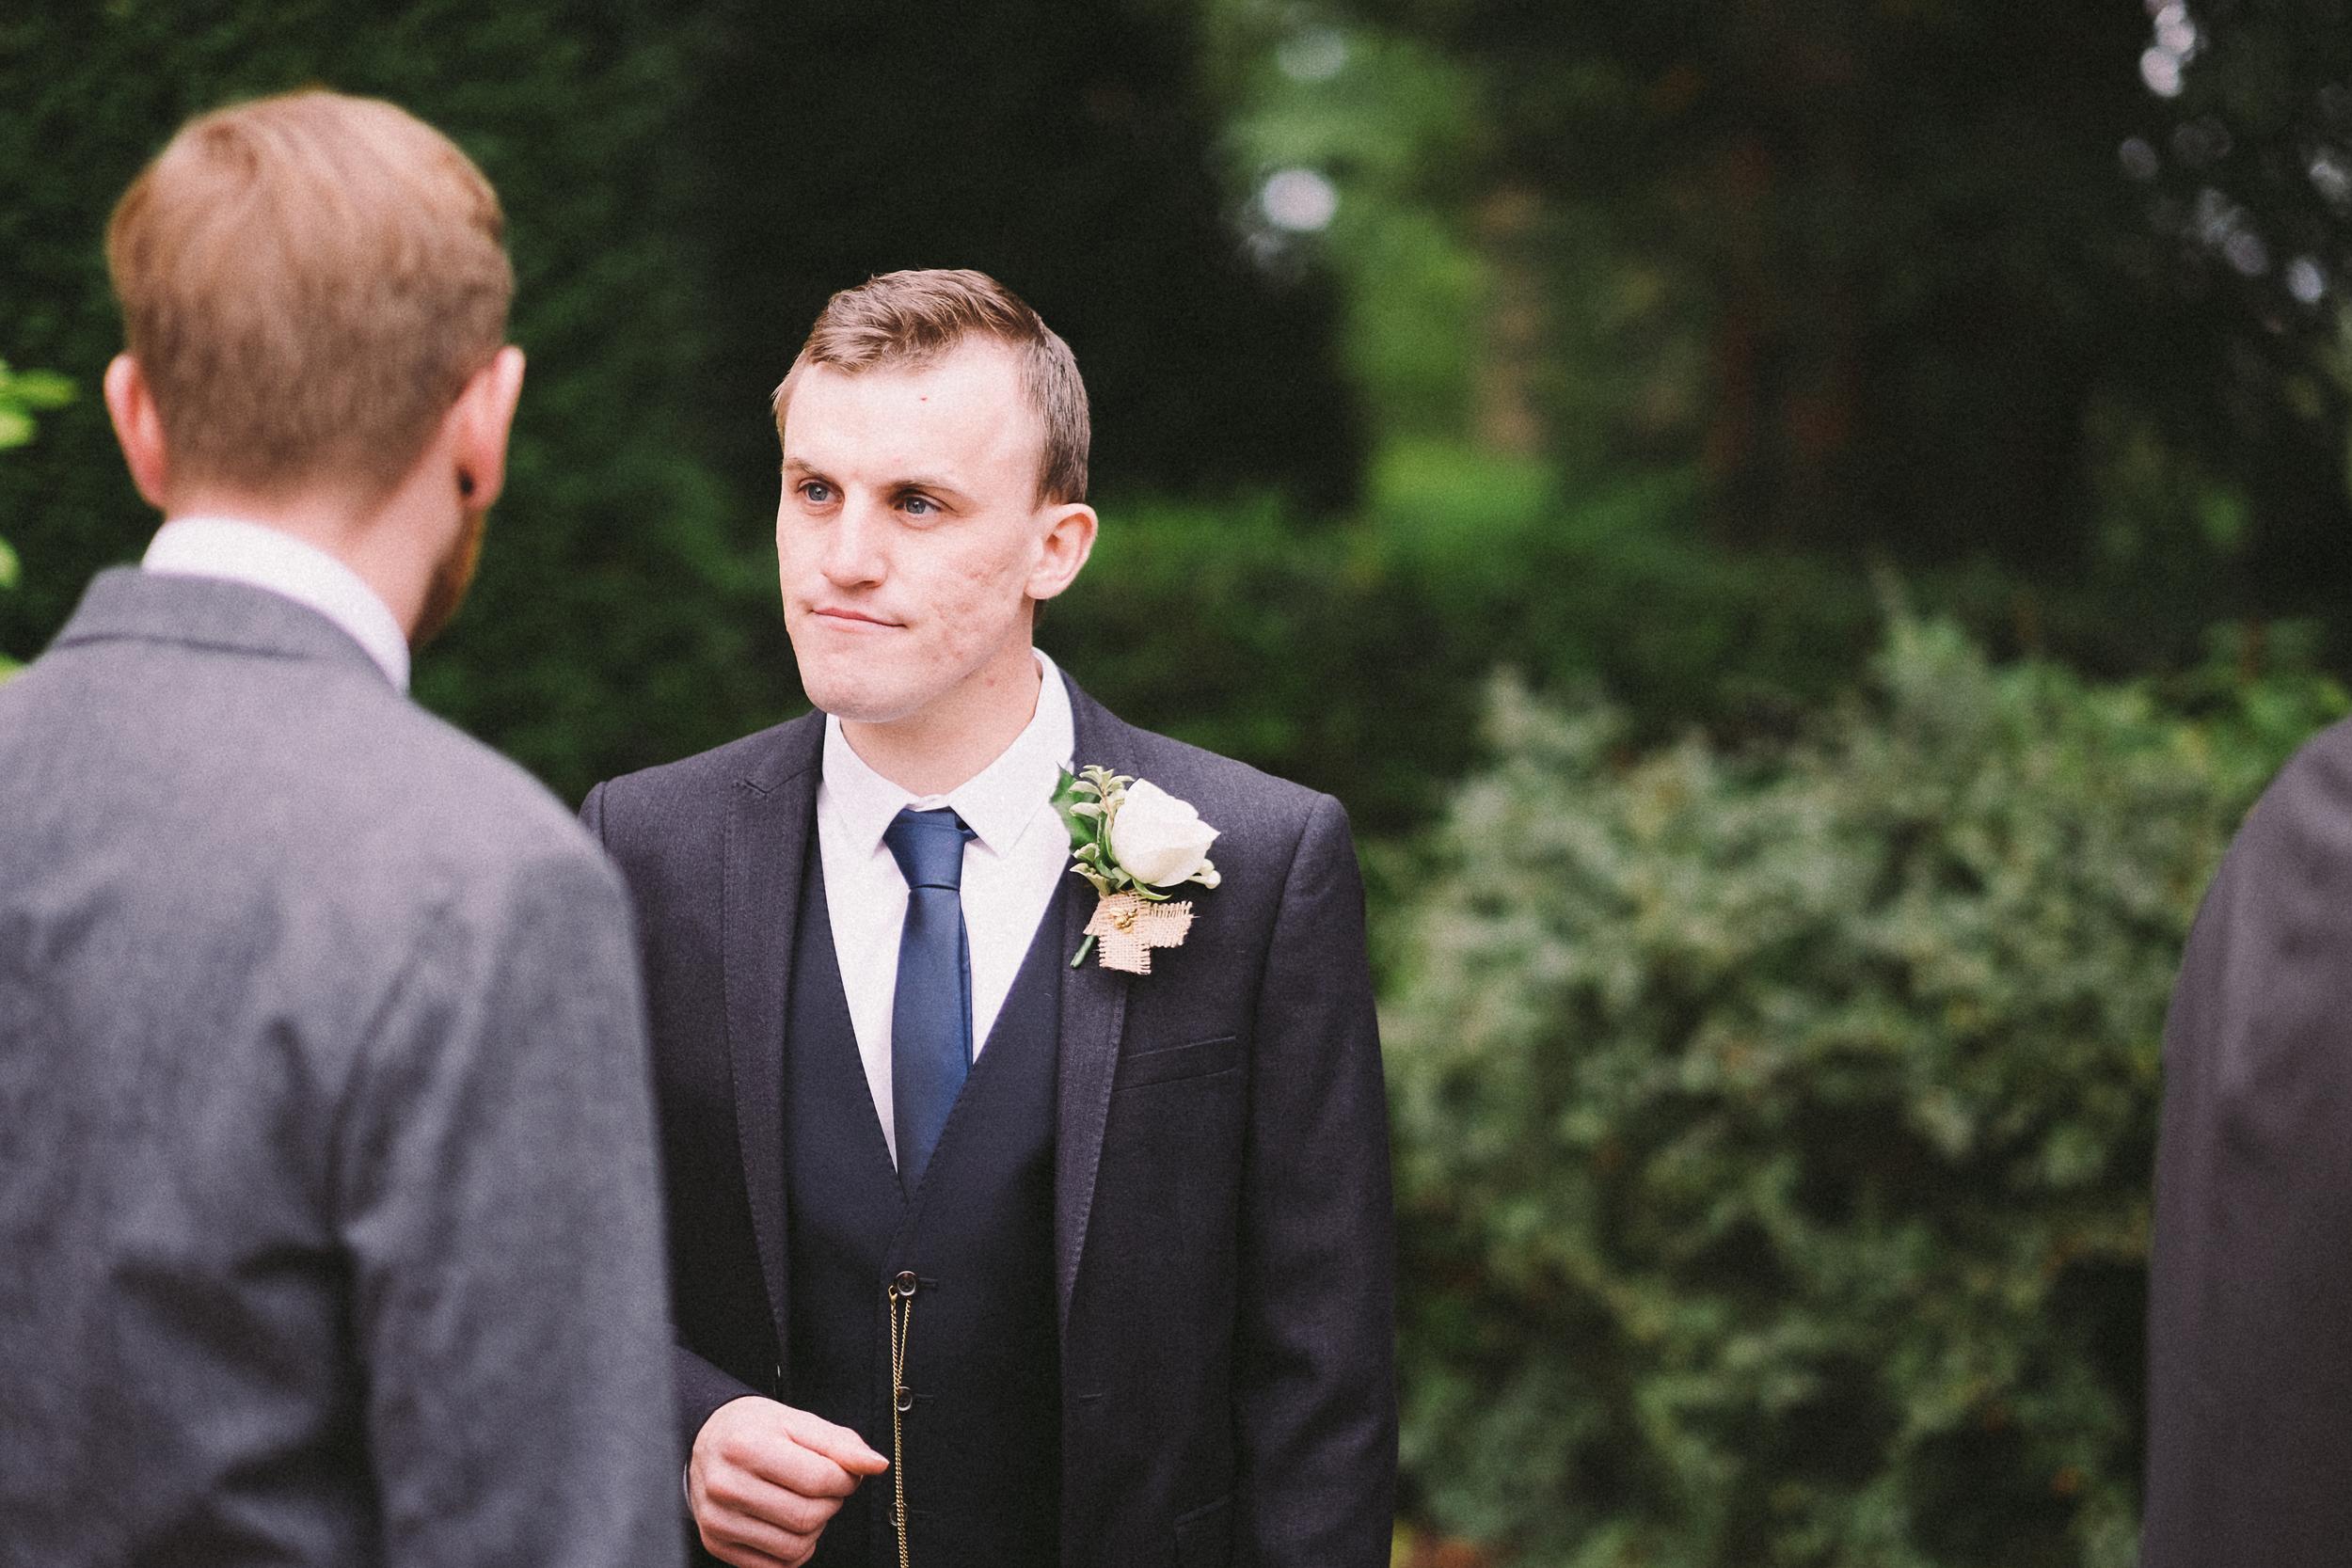 kerrie_nick_wedding-67.jpg